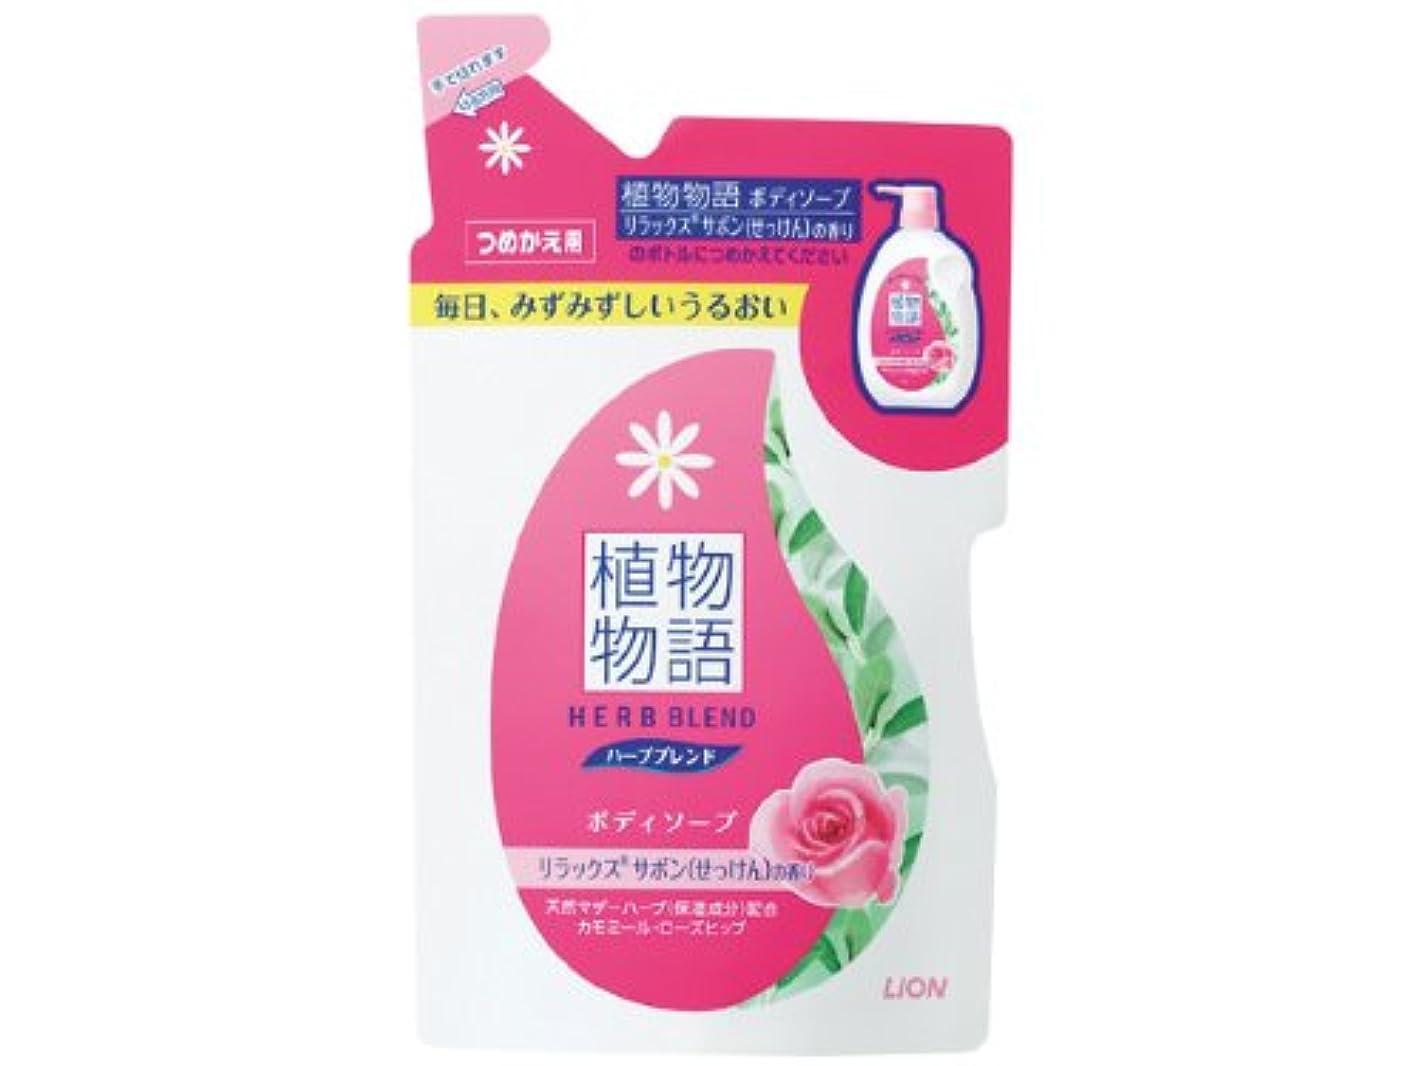 回転させるスラック価格植物物語 ハーブブレンド ボディソープ リラックスサボン(せっけん)の香り つめかえ用 420mL